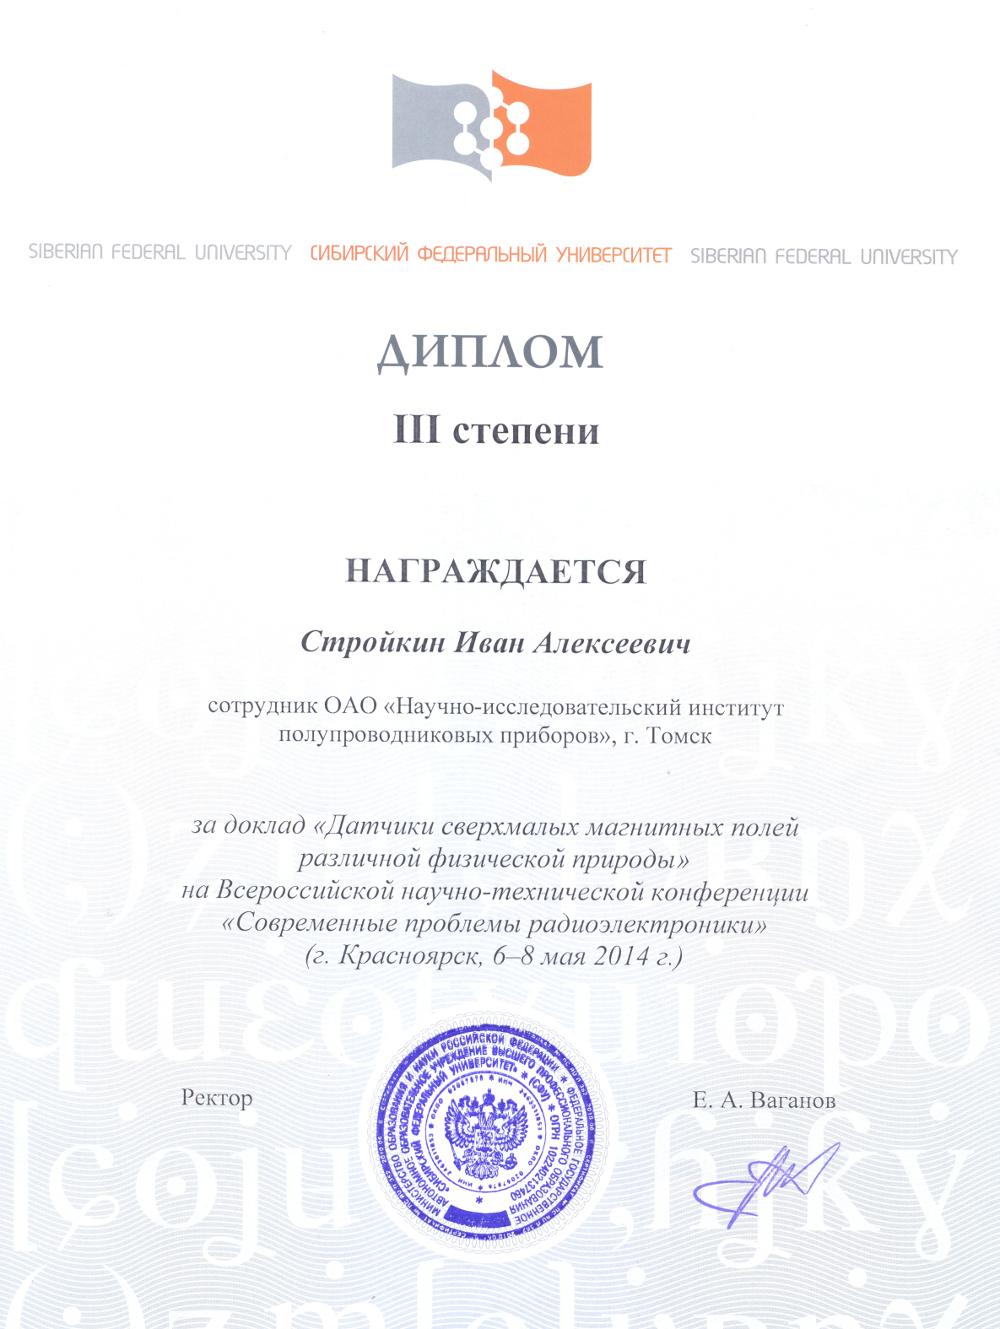 Студент кафедры СРСзанял призовое место навсероссийской научно-технической конференции «Современные проблемы радиоэлектроники»